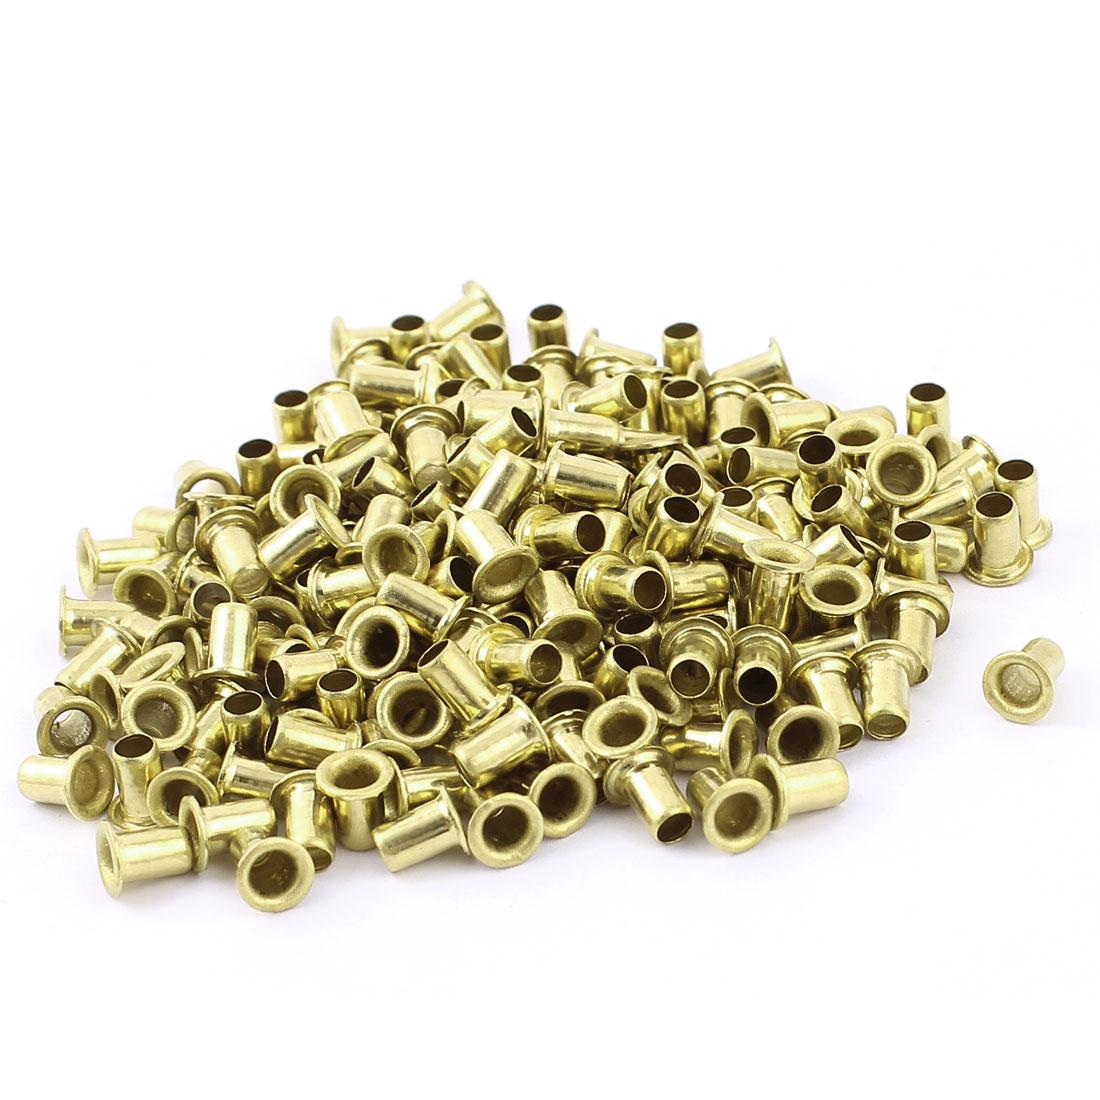 200pcs M4x6 Copper Via Vias Plated Through Hole Rivets Hollow Grommets PCB Circuit Board